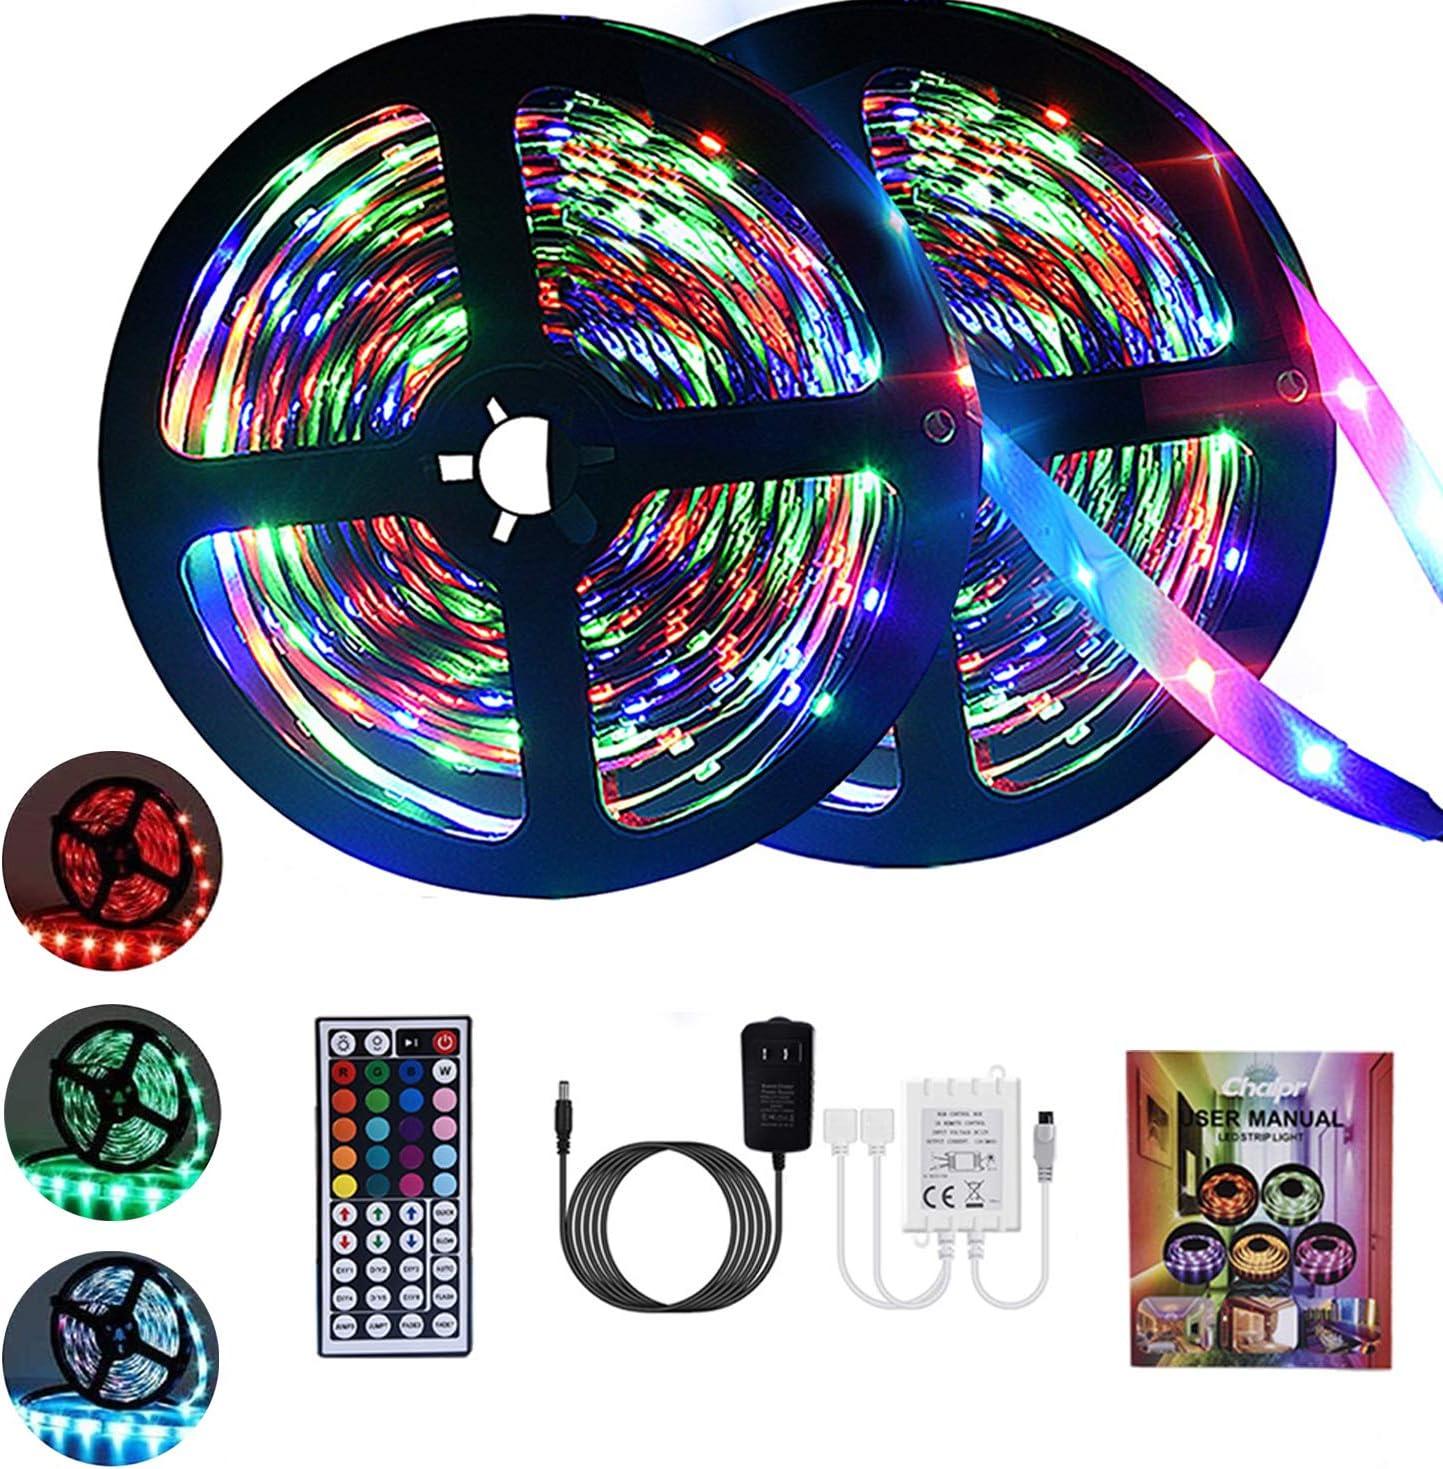 Chalpr LED Strip Lights 32.8ft, RGB LED Light Strip,3528 SMD 600 LED Color Changing Tape Light with 44 Keys Remote LED Lights for Bedroom, Home Decoration, TV Backlight, Kitchen, Bar,Party